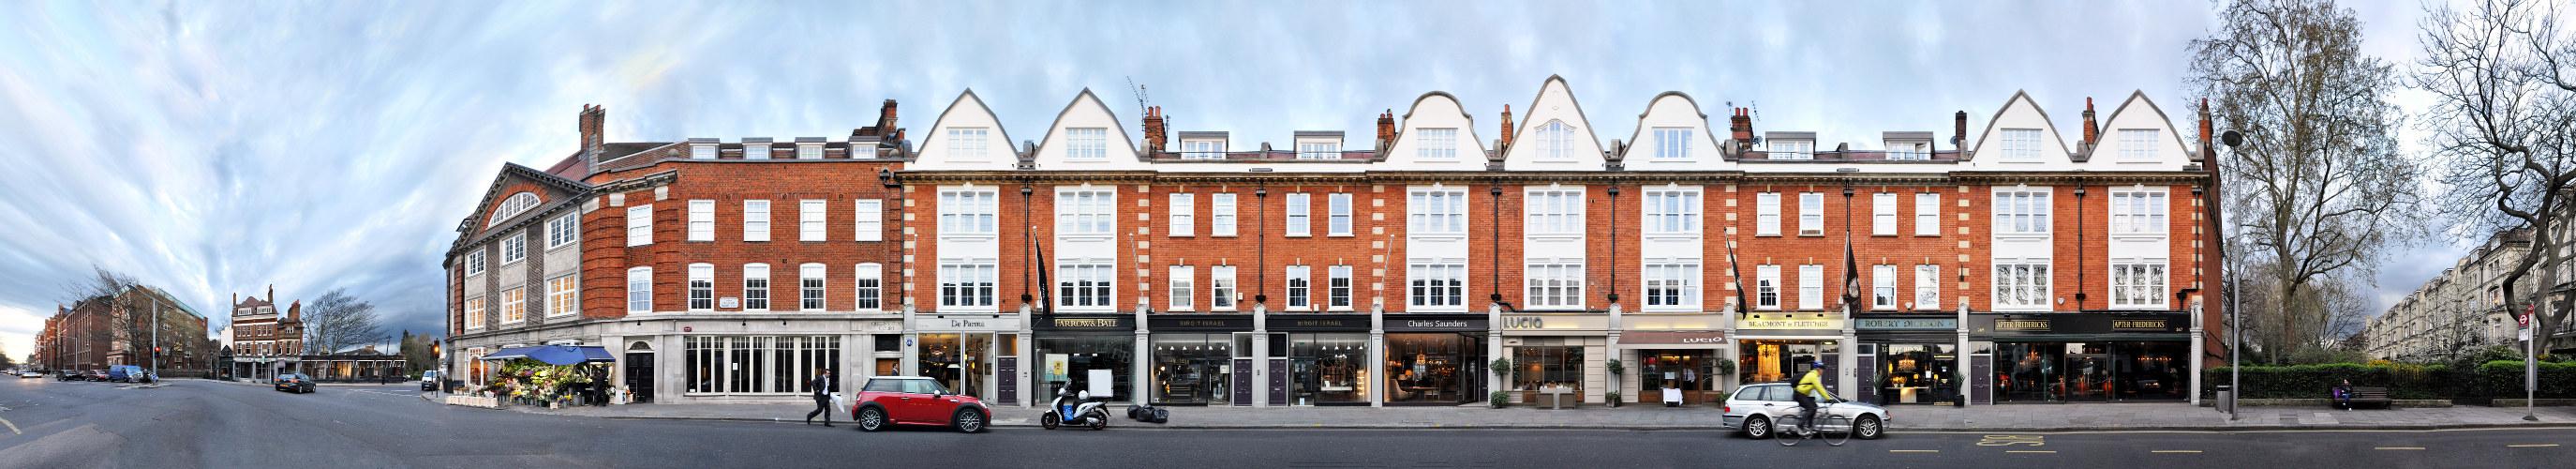 Fulham Road 241-267